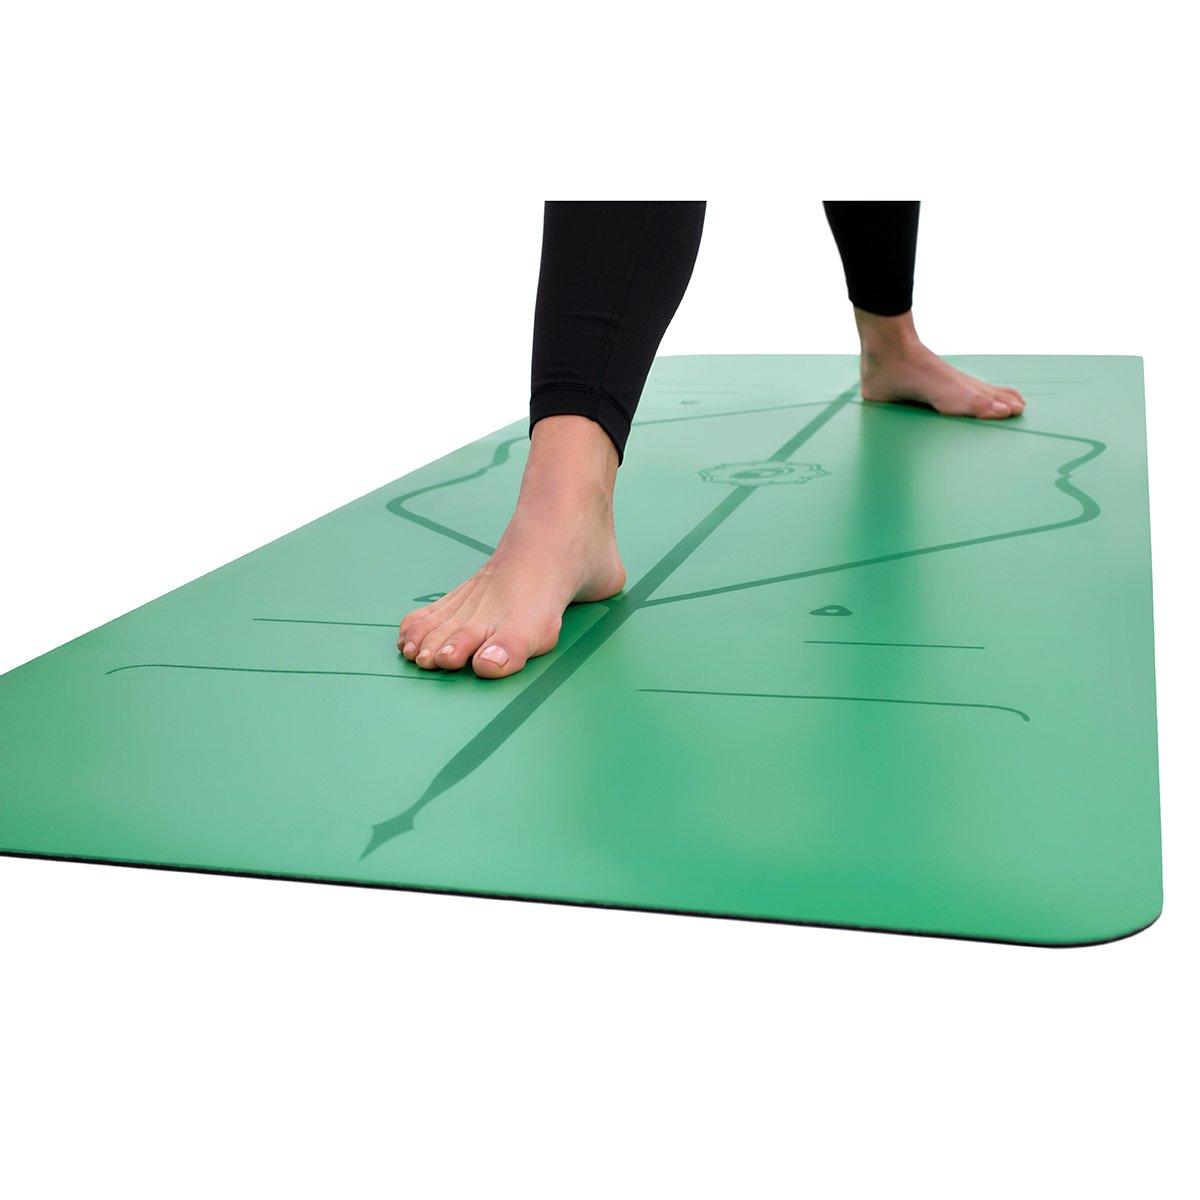 Le tapis de YOGA Liforme - Le meilleur tapis de yoga écologique et antidérapant  avec un système unique et ORIGINAL ... aadd9651430